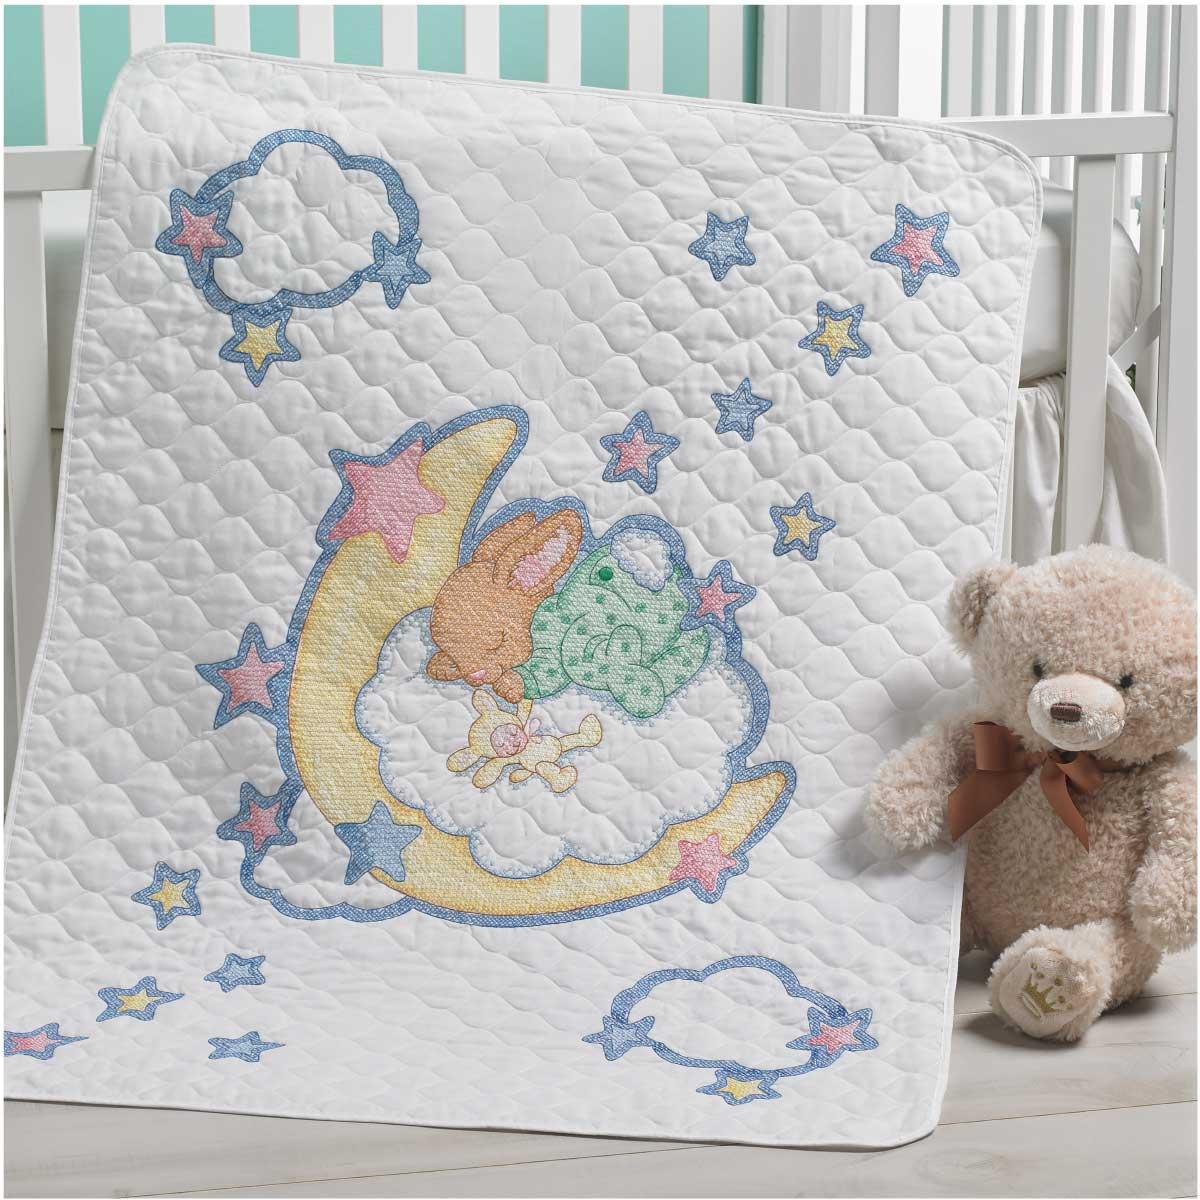 Bucilla ® Baby - Stamped Cross Stitch - Crib Ensembles - Hallmark - Born to Dream - Crib Cover - 488